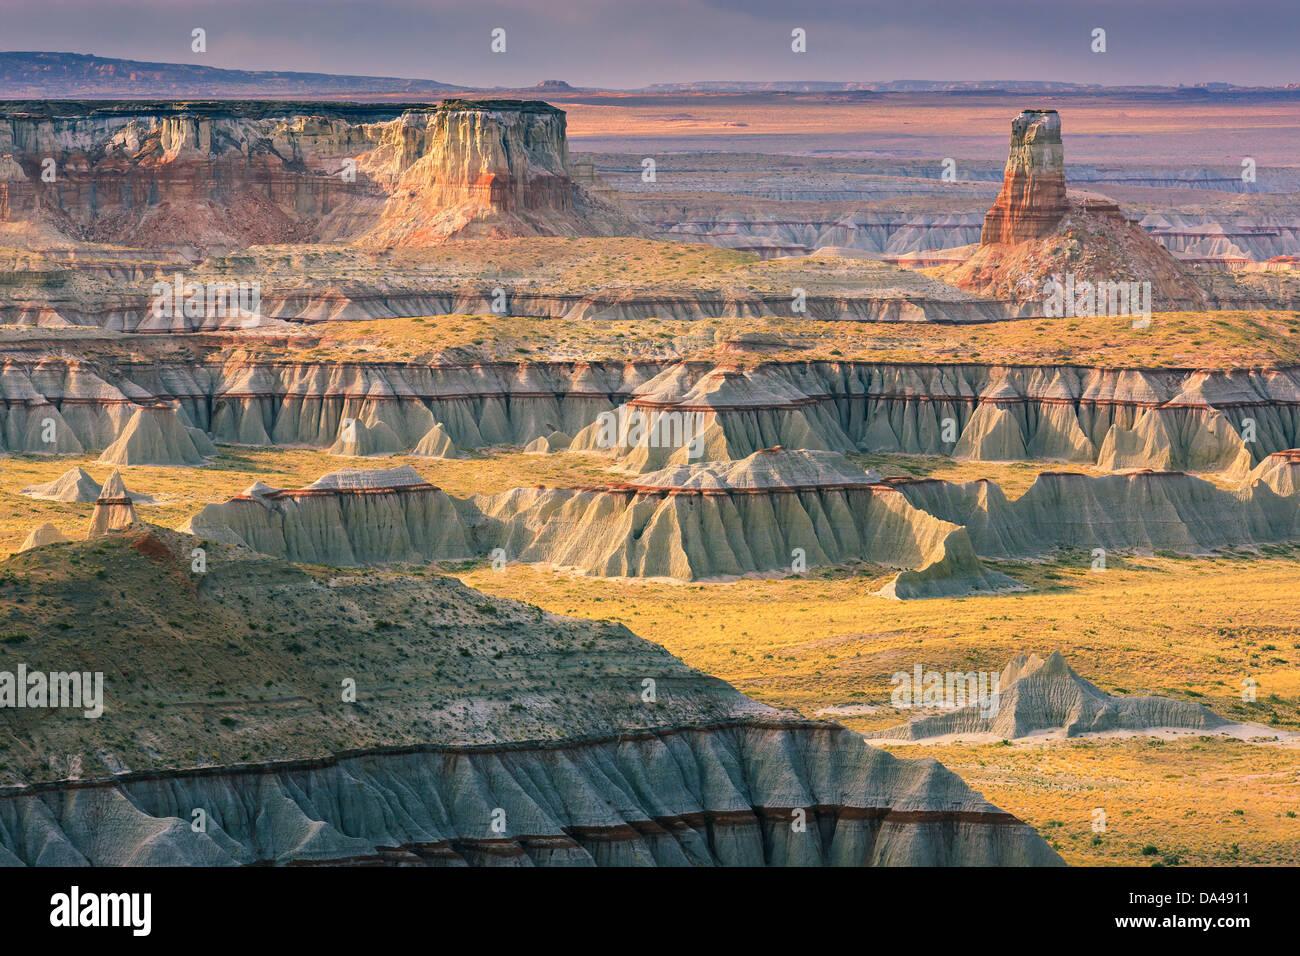 Ha Ho No Geh Canyon, in the north eastern part of Arizona near Tuba City, USA - Stock Image